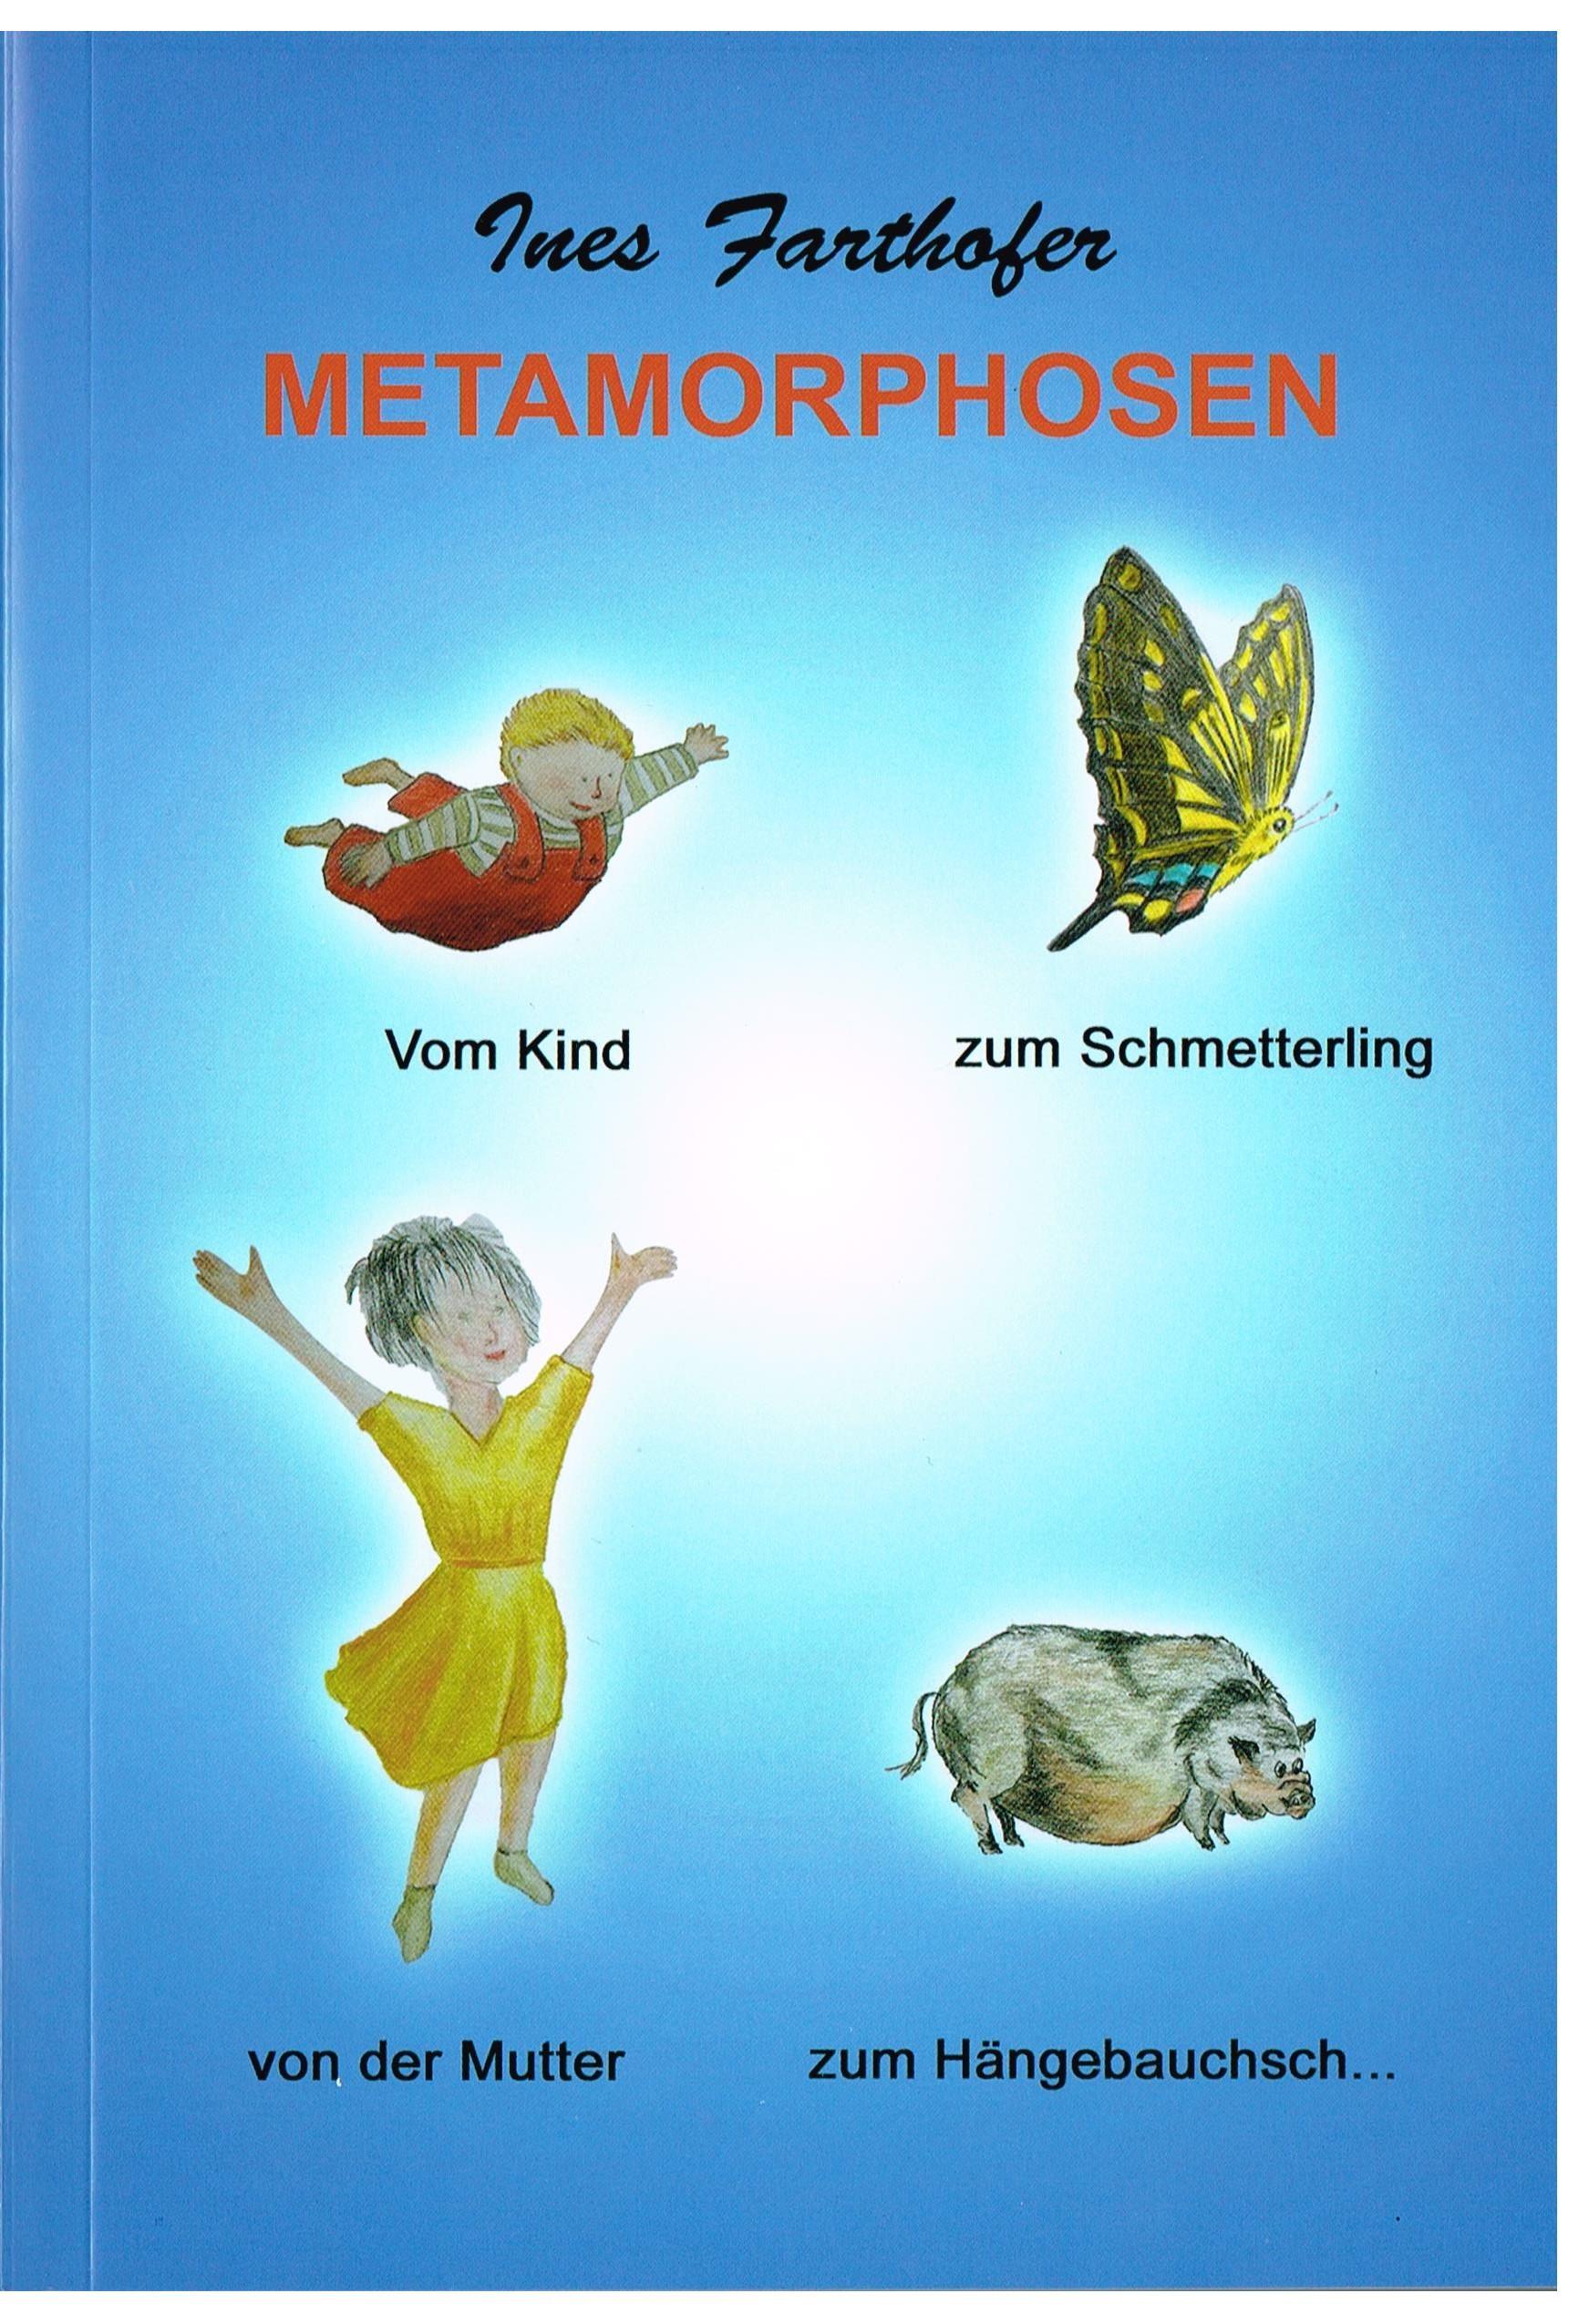 Metamorphosen - Ein sehr humorvolles Buch über Entwicklung und Veränderung, Aktion und Reaktion von Ines Farthofer